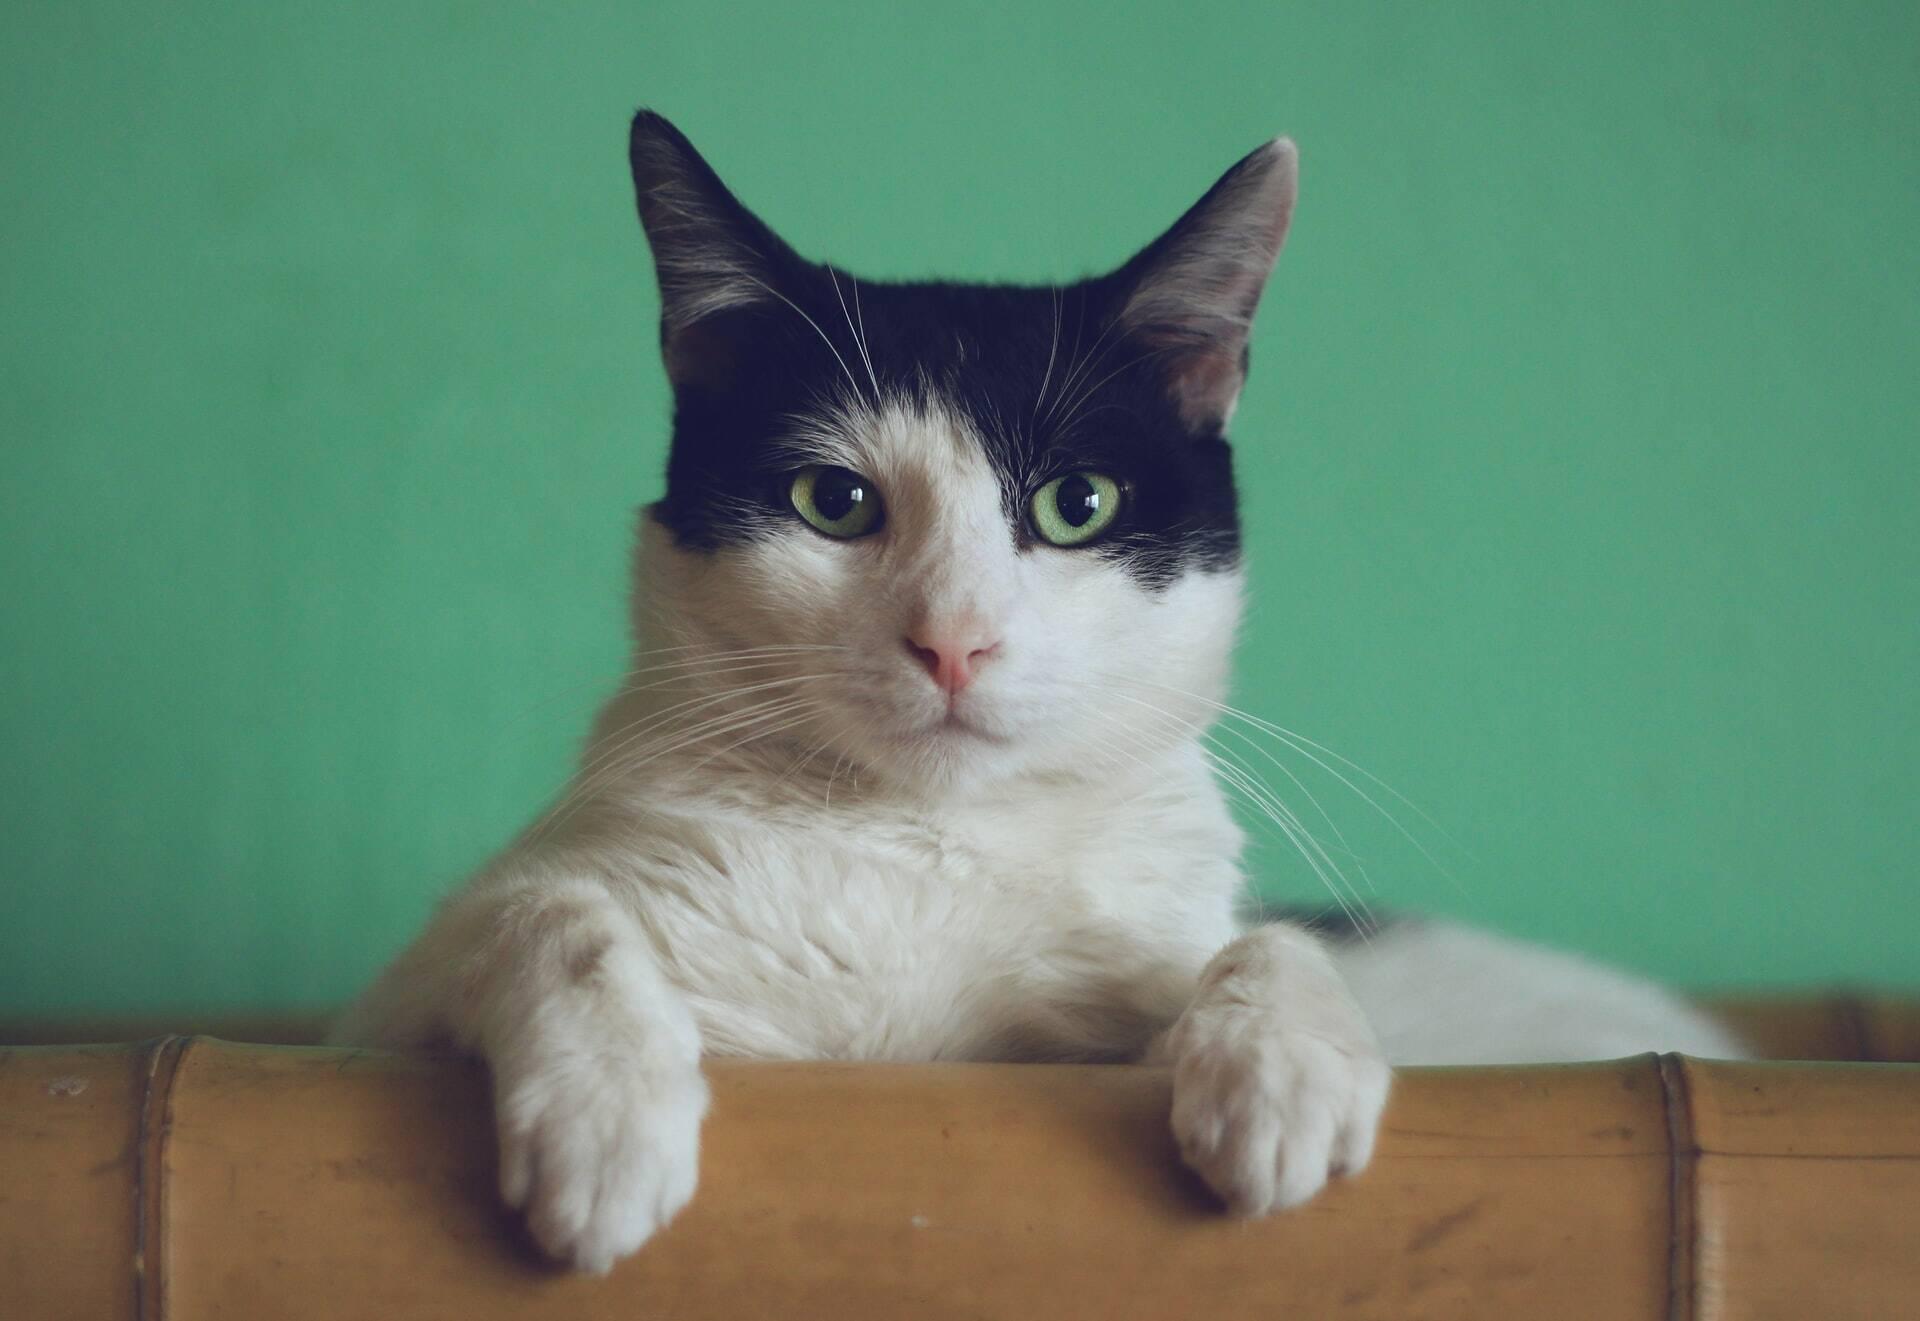 Saiba como identificar e proteger seu gato contra 7 doenças mortais